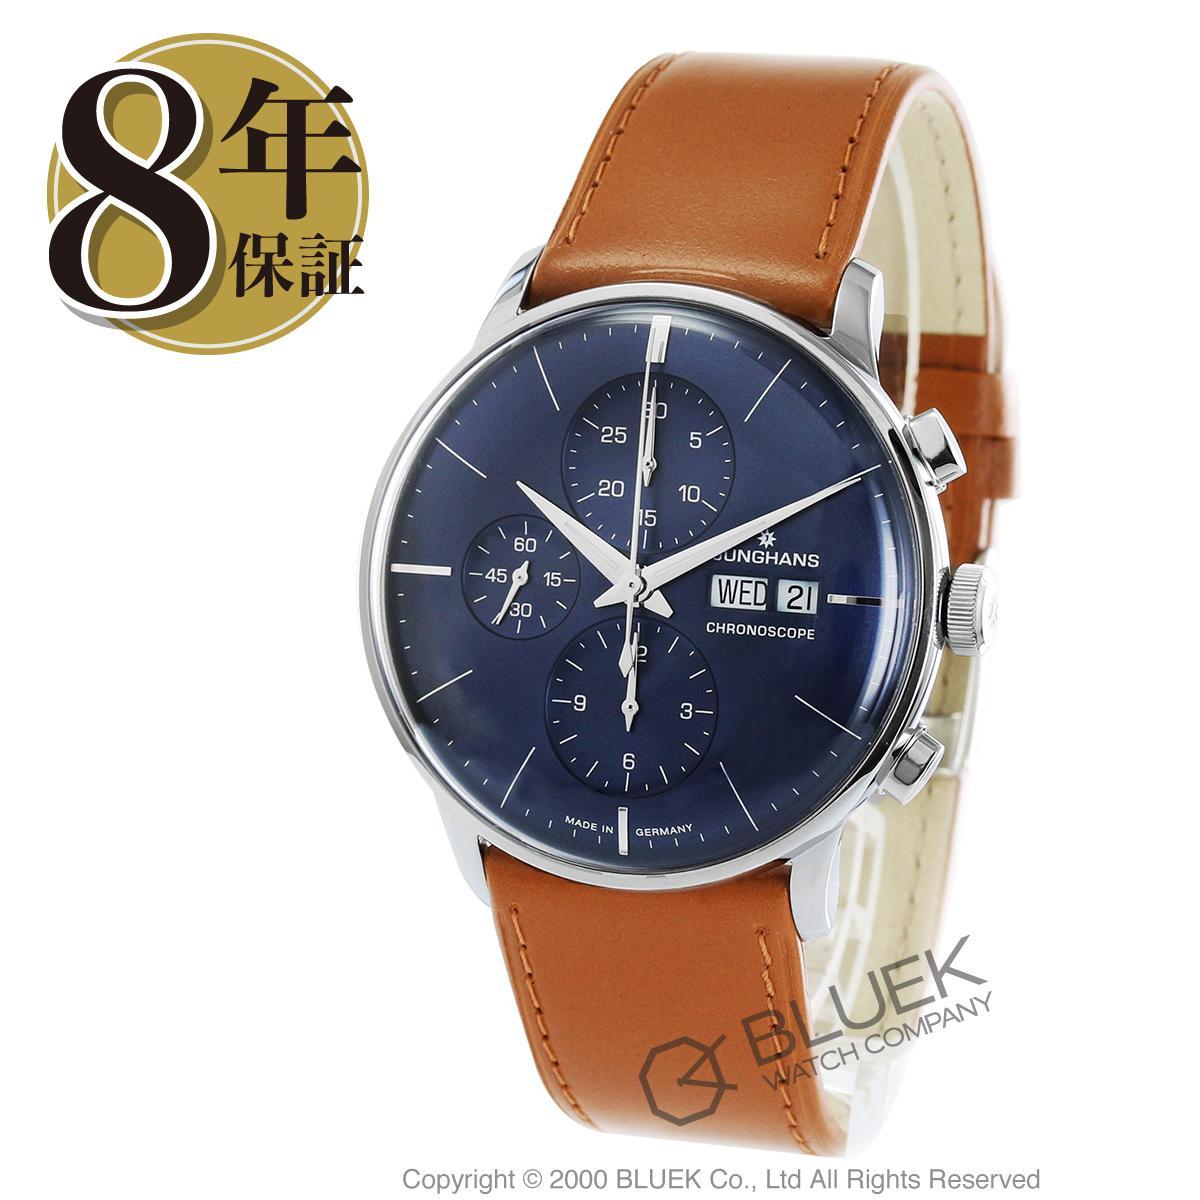 ユンハンス JUNGHANS 腕時計 マイスター クロノスコープ メンズ 027/4526.01_8